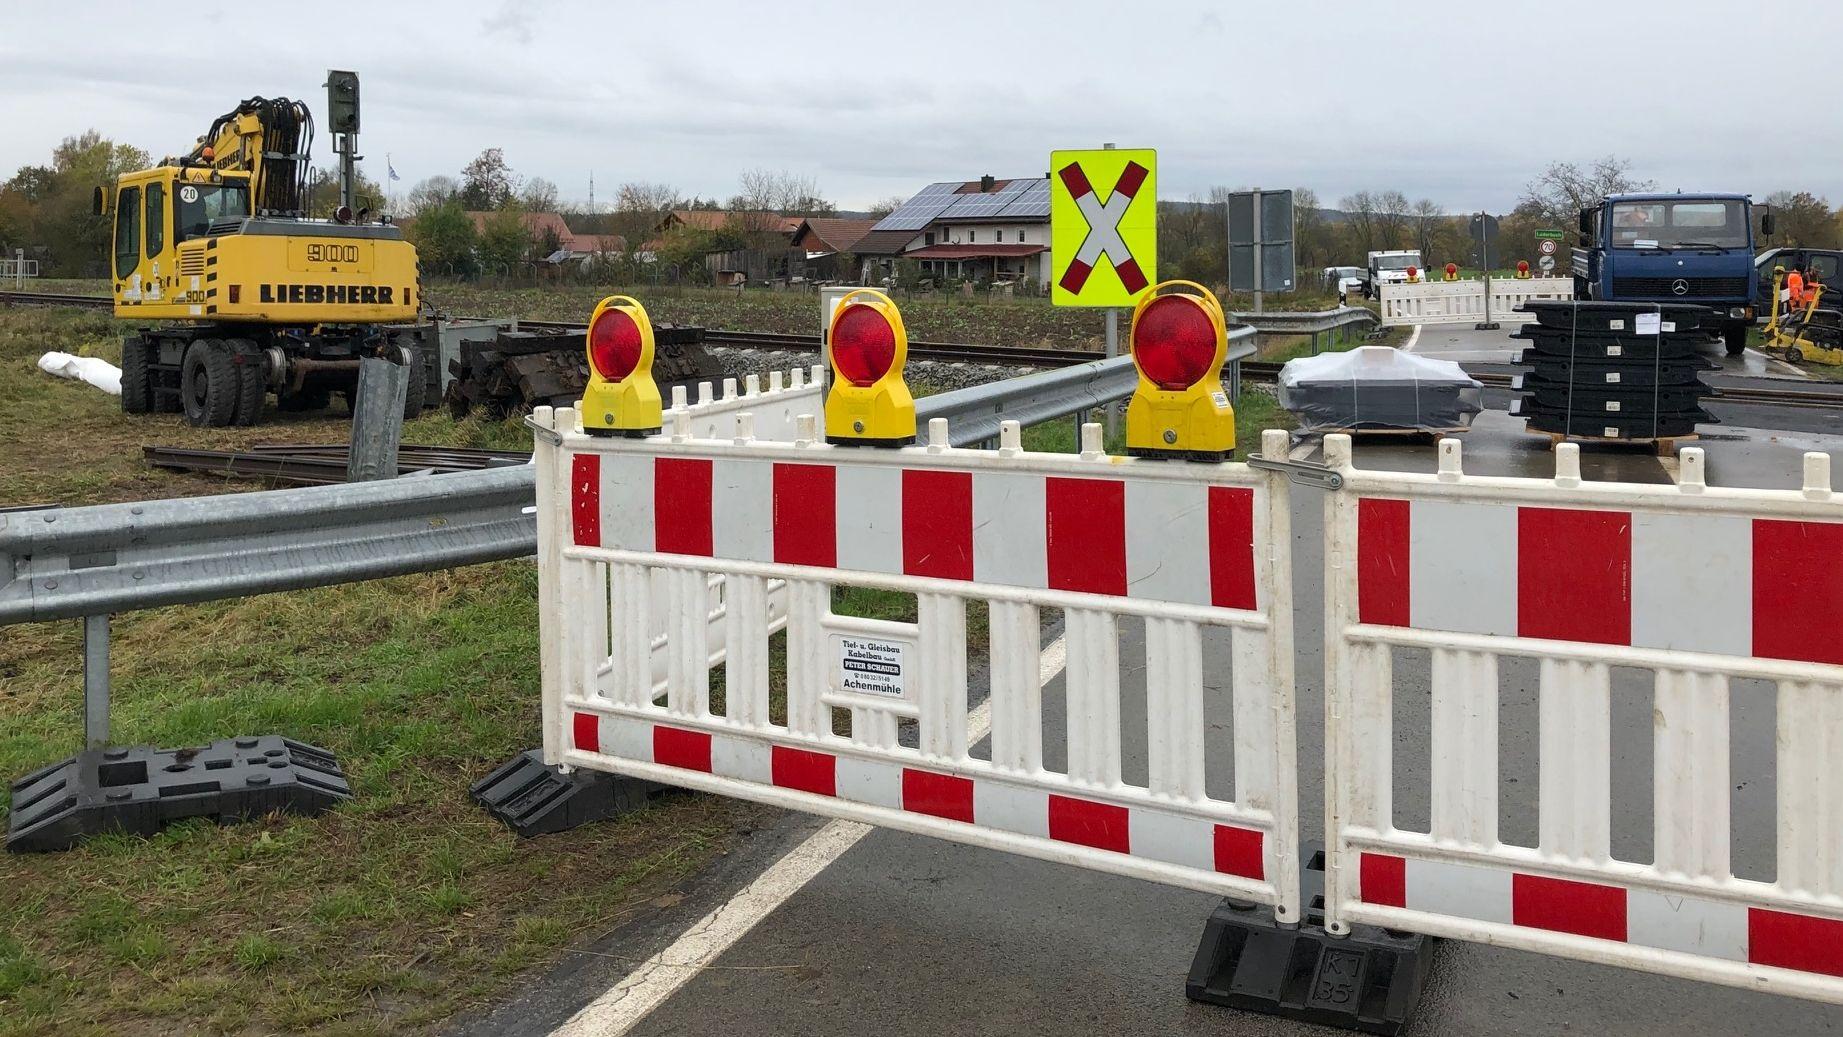 Unbeschrankter Bahnübergang in Bayerbach wird renoviert und nächstes Jahr beschrankt